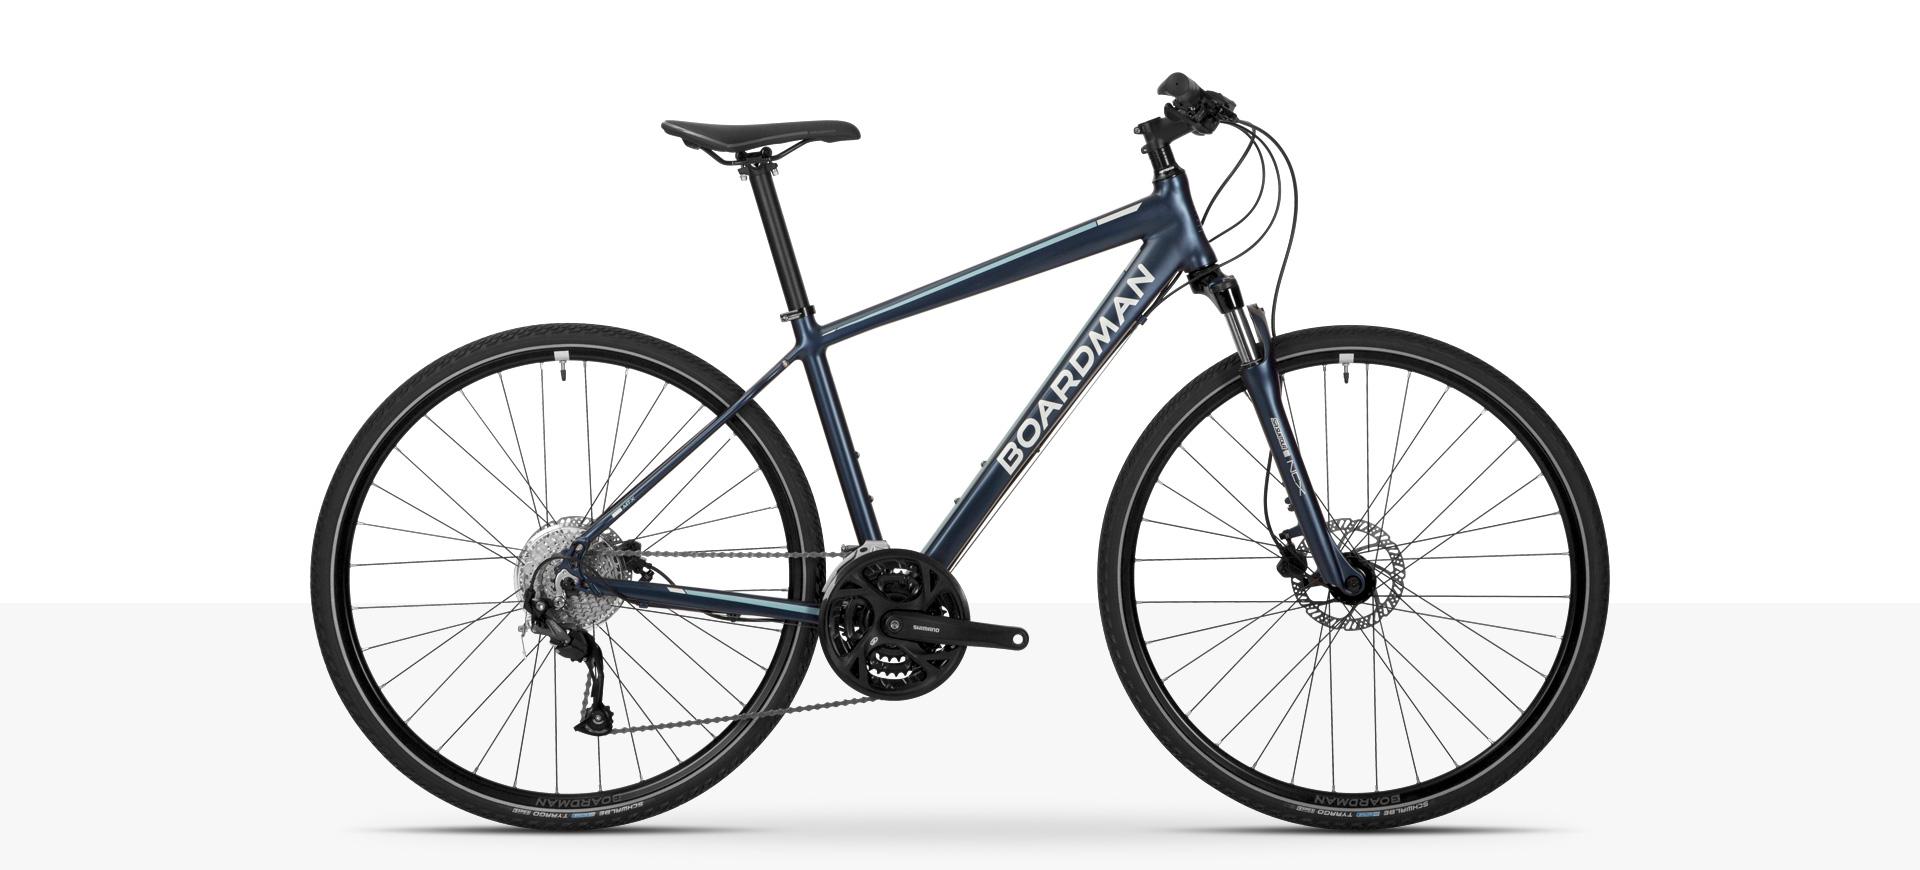 Boardman MTX 8 6 - Women's Hybrid Bike | Boardman Bikes